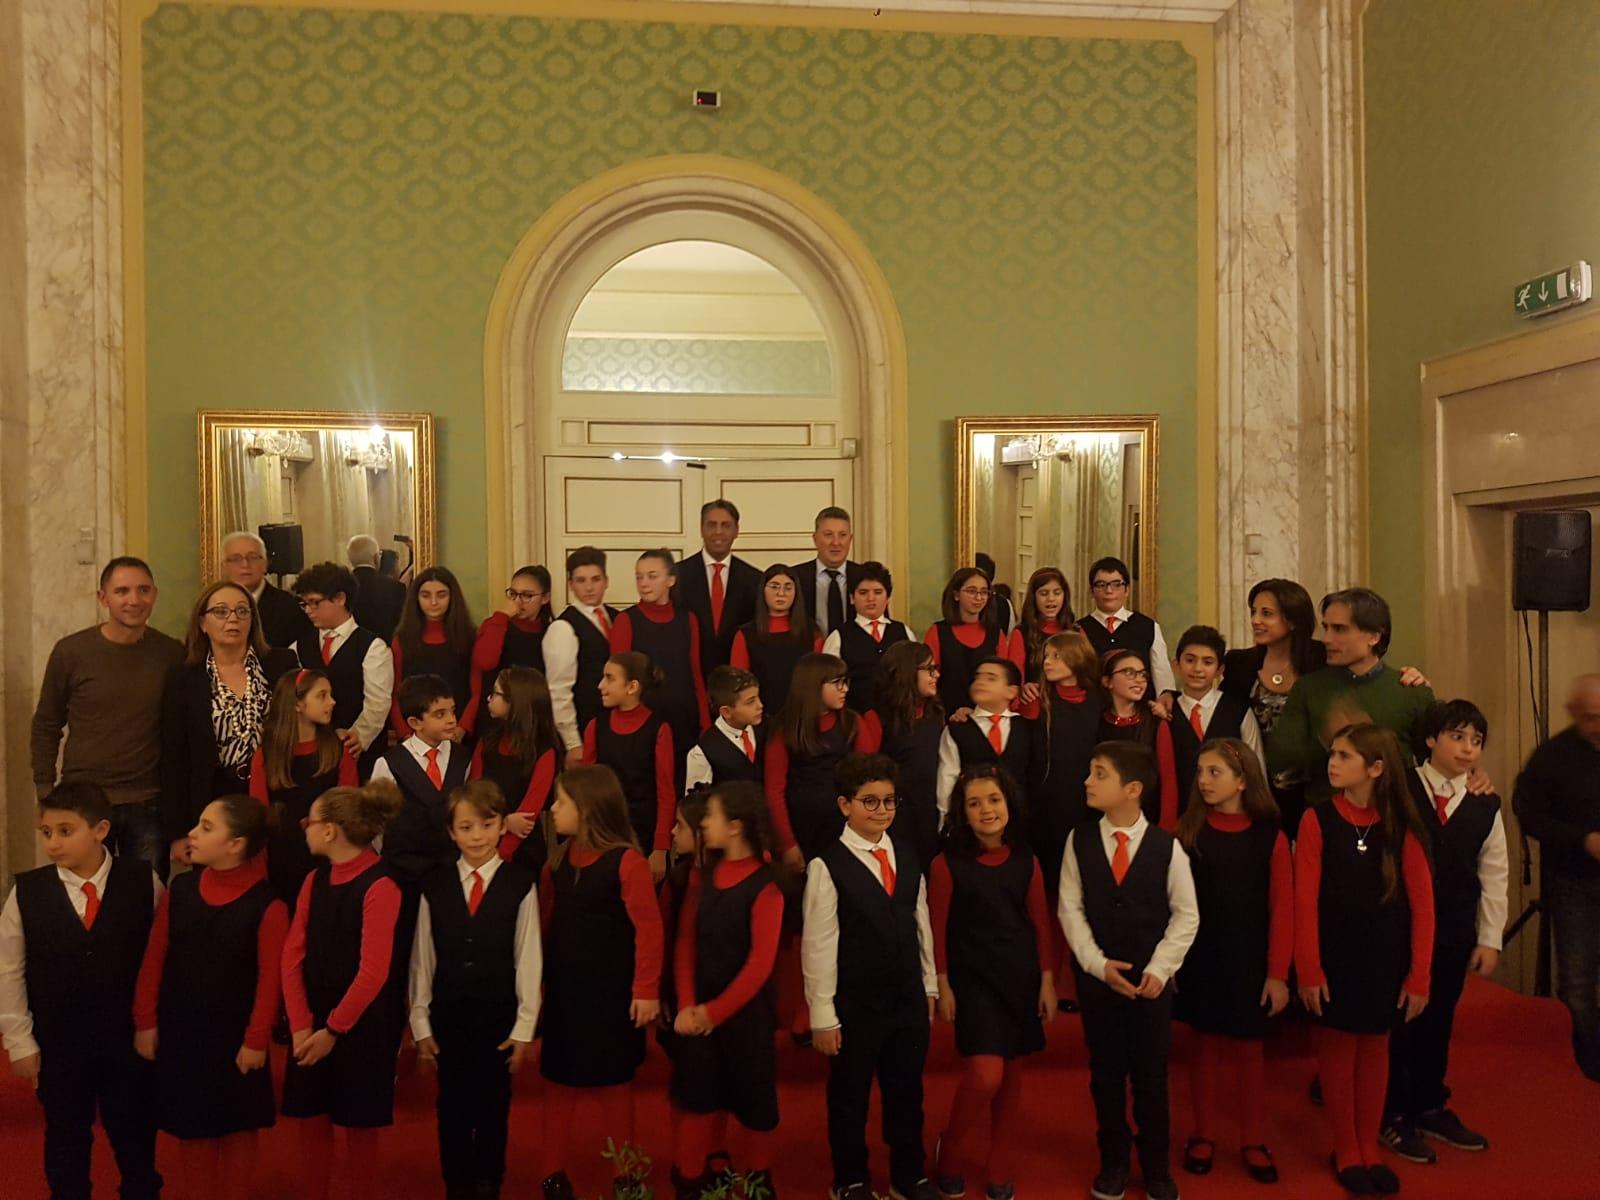 """Natale a Reggio, al """"Cilea"""" gli auguri in musica del coro scolastico comunale"""